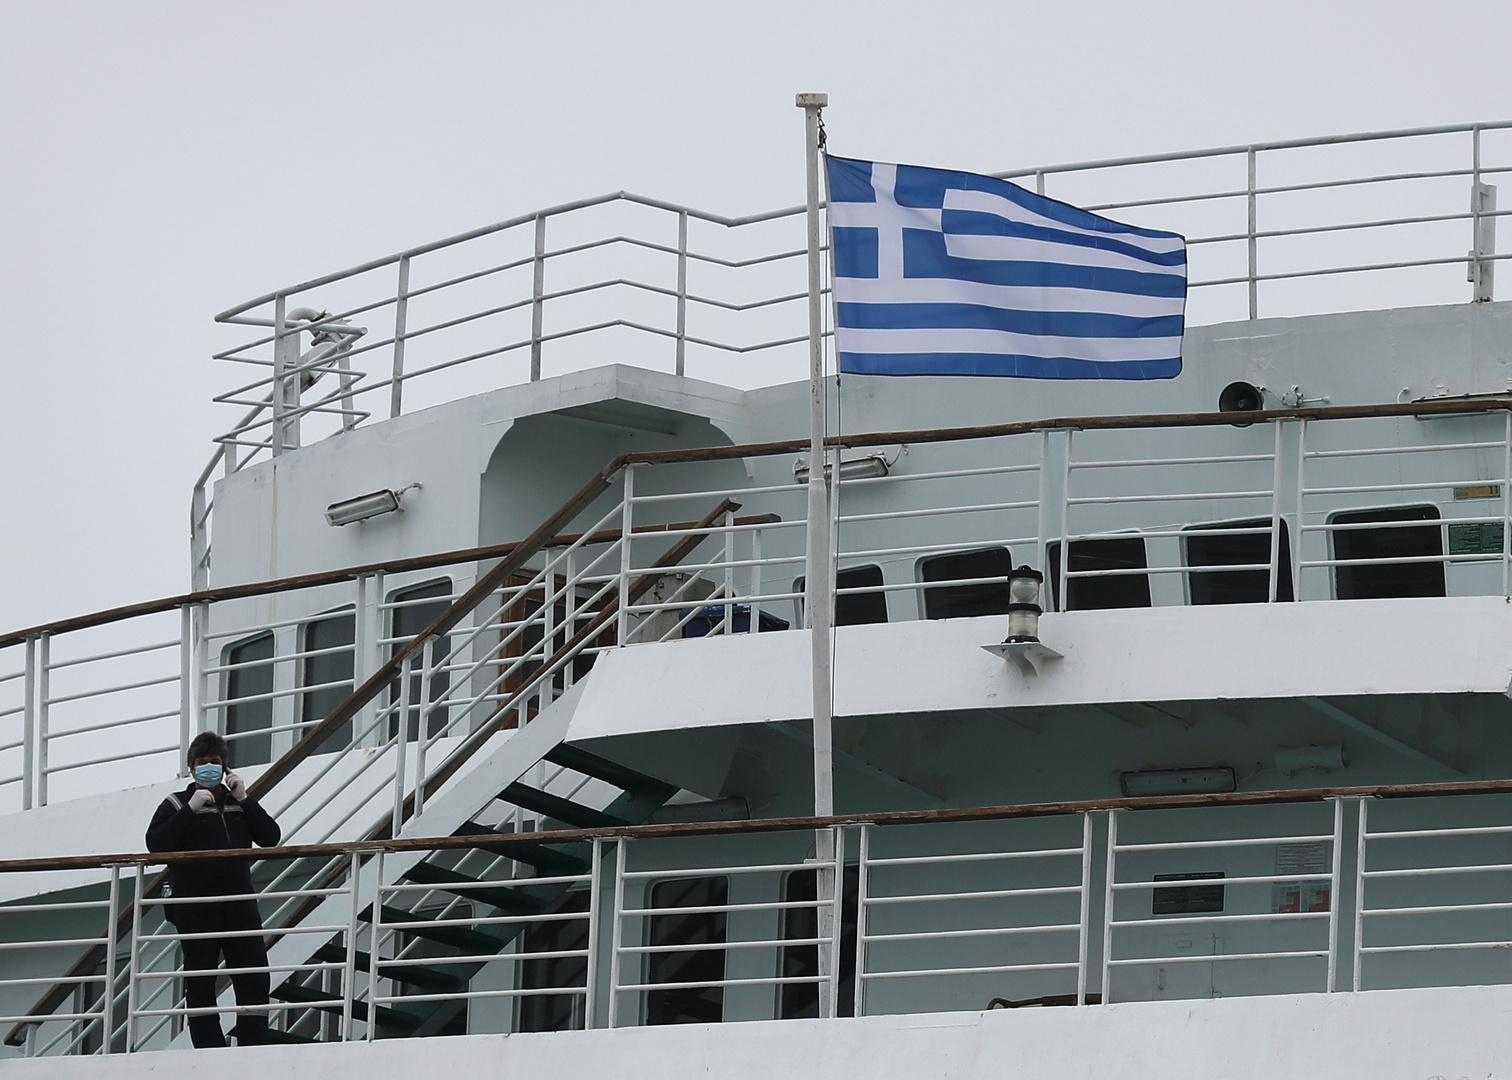 اليونان تؤكد أن لا محادثات مع تركيا طالما بقيت سفينة التنقيب في مياه متنازع عليها